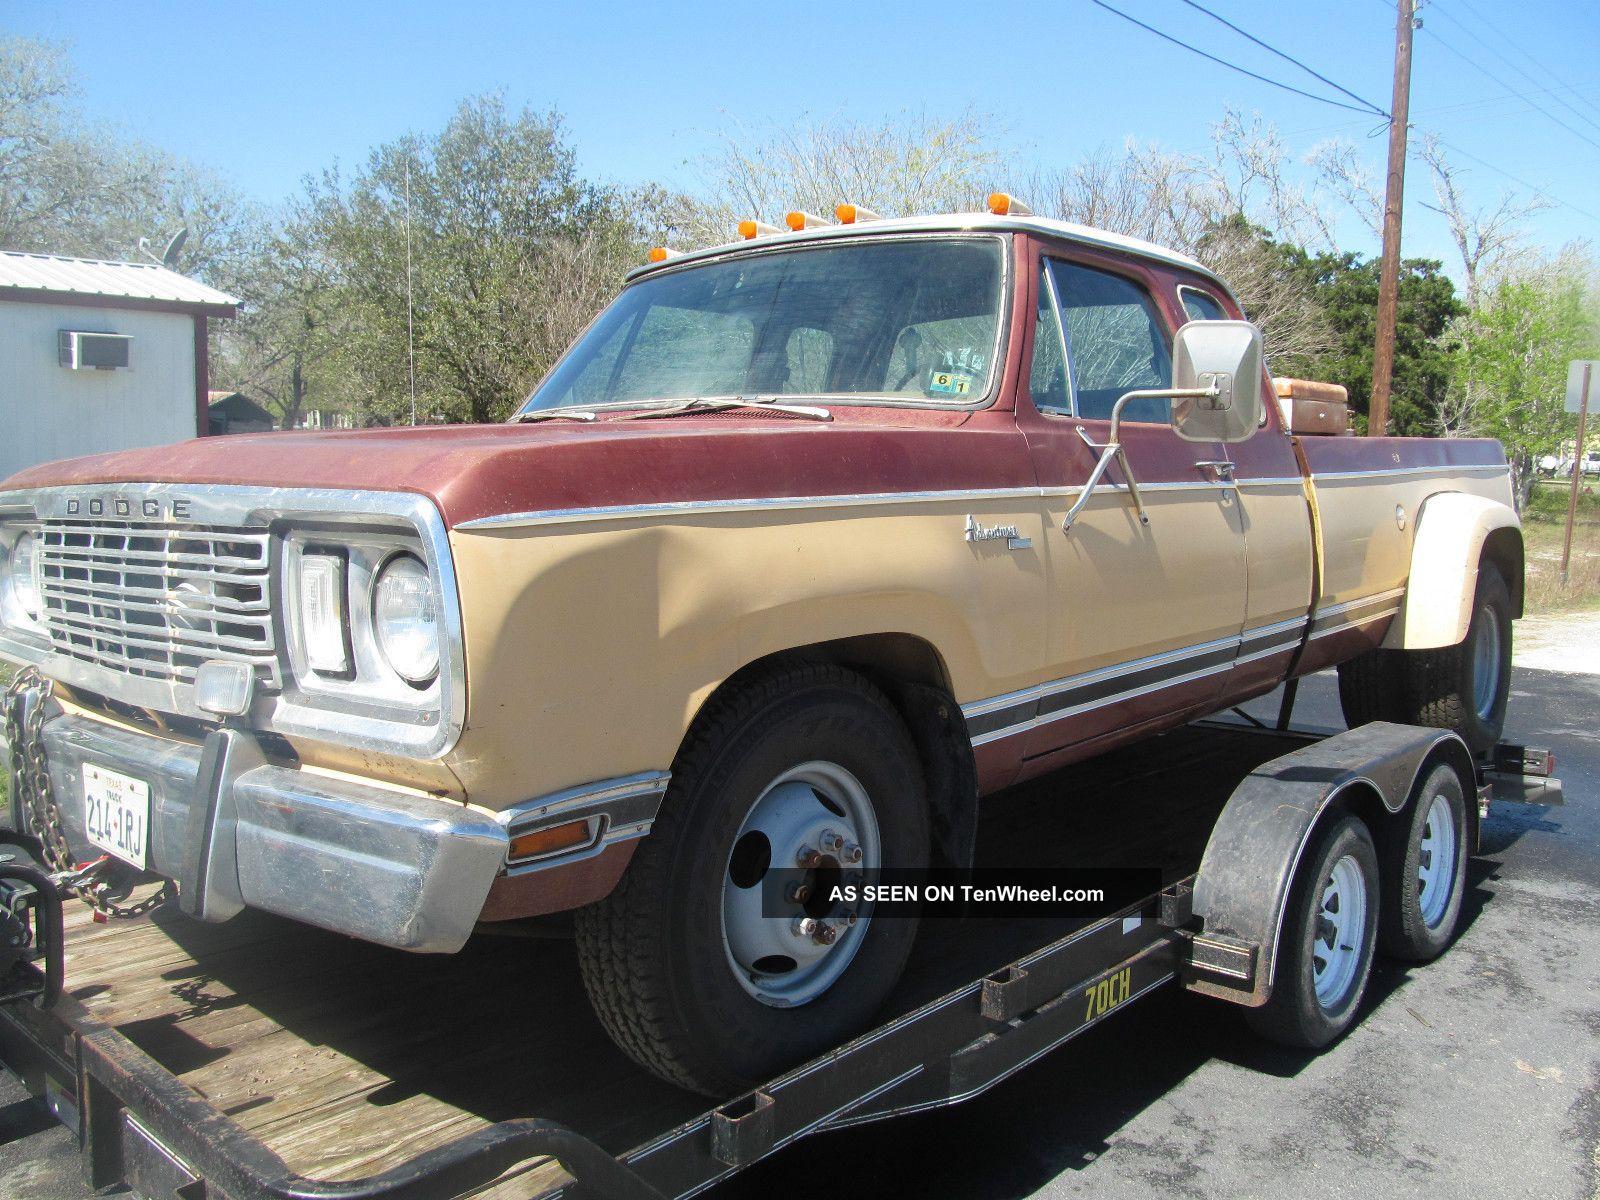 Texas Barn Find Dodge D Dually Club Cab Mopar Ton Nr Lgw on 1977 Dodge Power Wagon 150 Specs